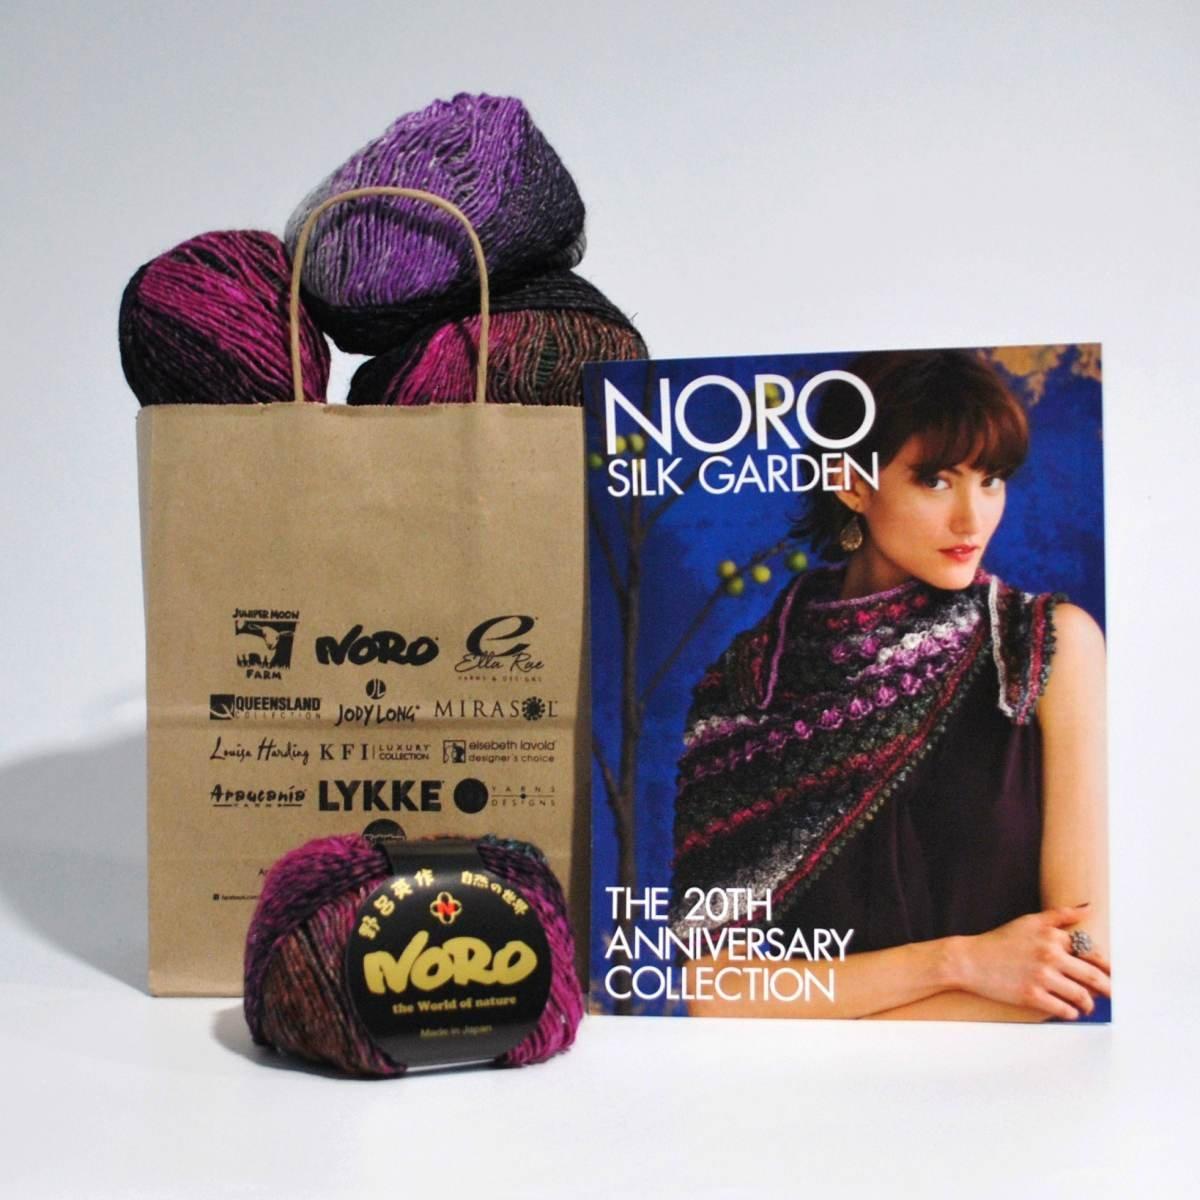 Noro Hyacinth Stitch Shawl Kit in Silk Garden Lite